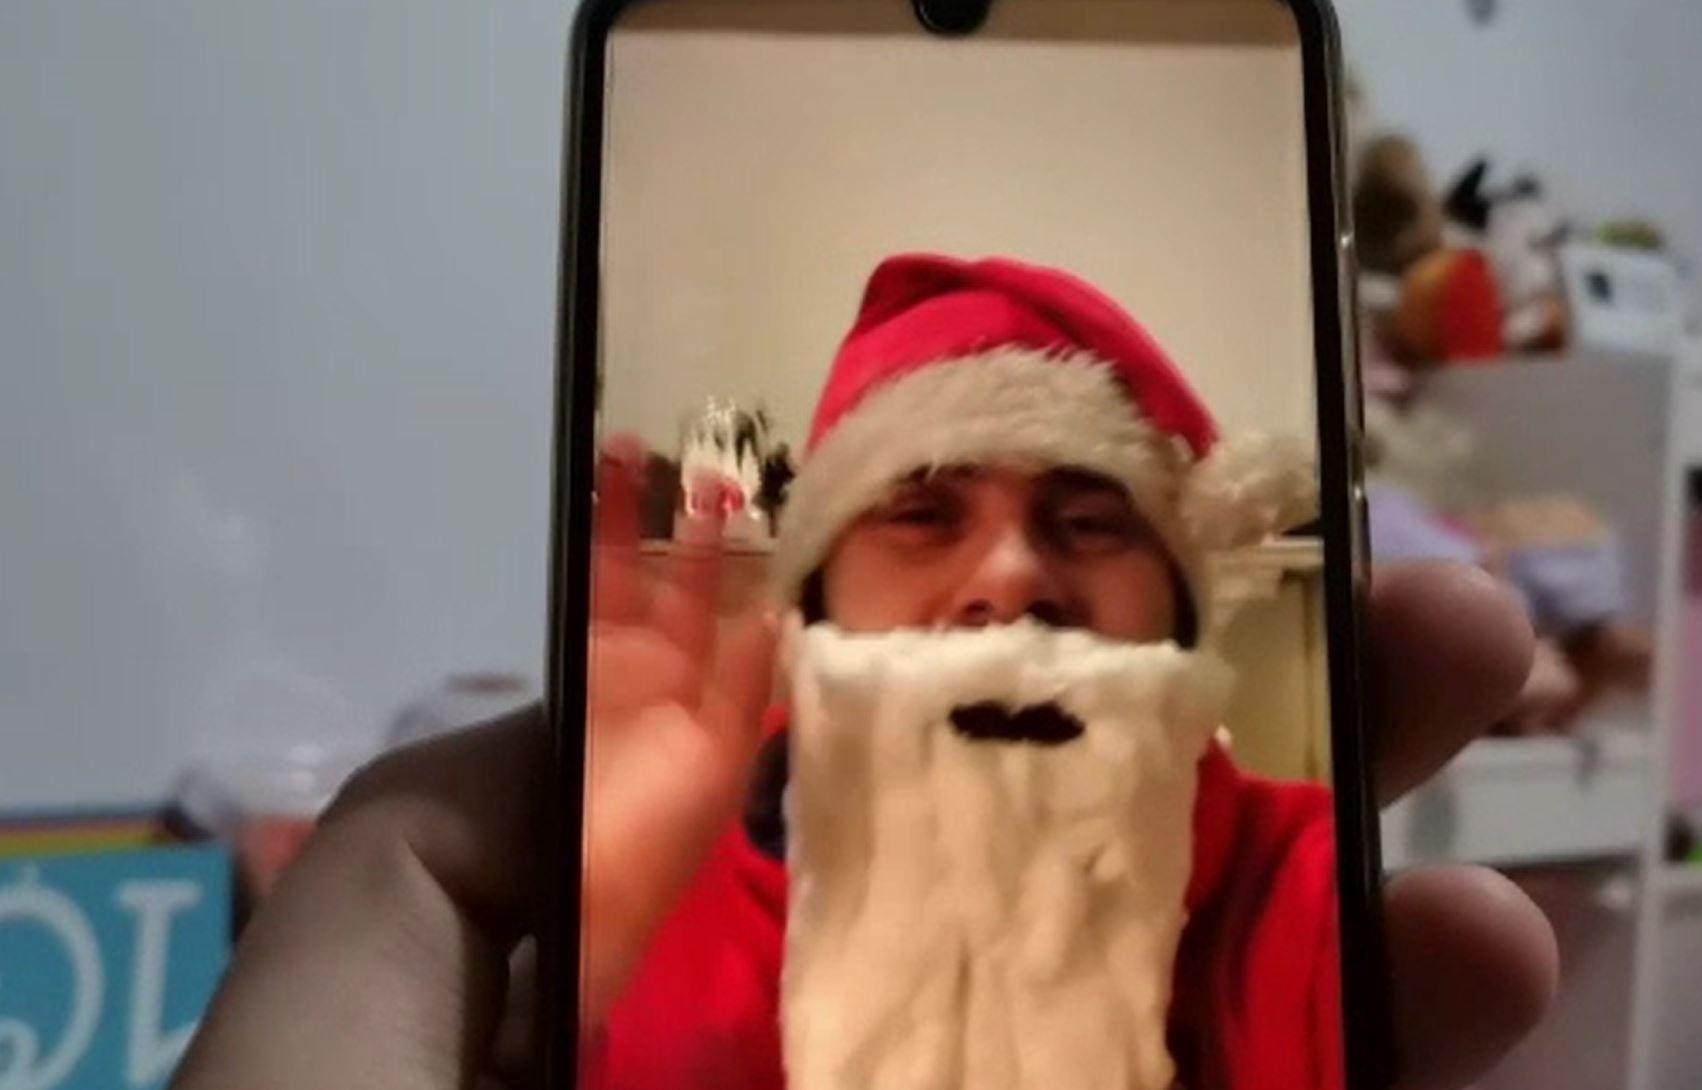 Moș Crăciun, ajutat de tehnologie să ajungă la toți copiii cu darurile mult așteptate